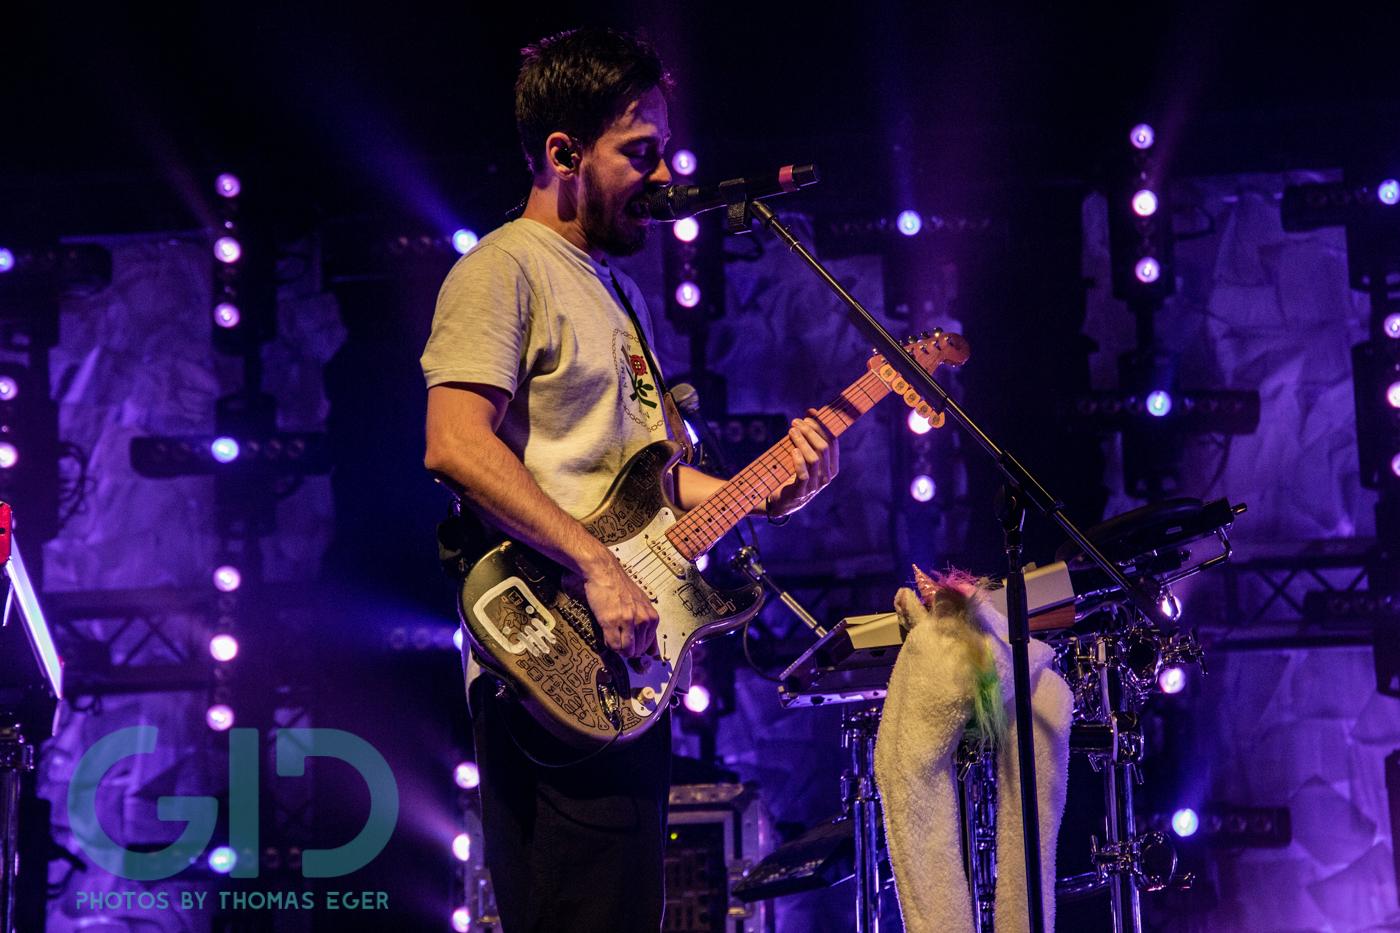 Mike-Shinoda-Hamburg-08.03.19-57